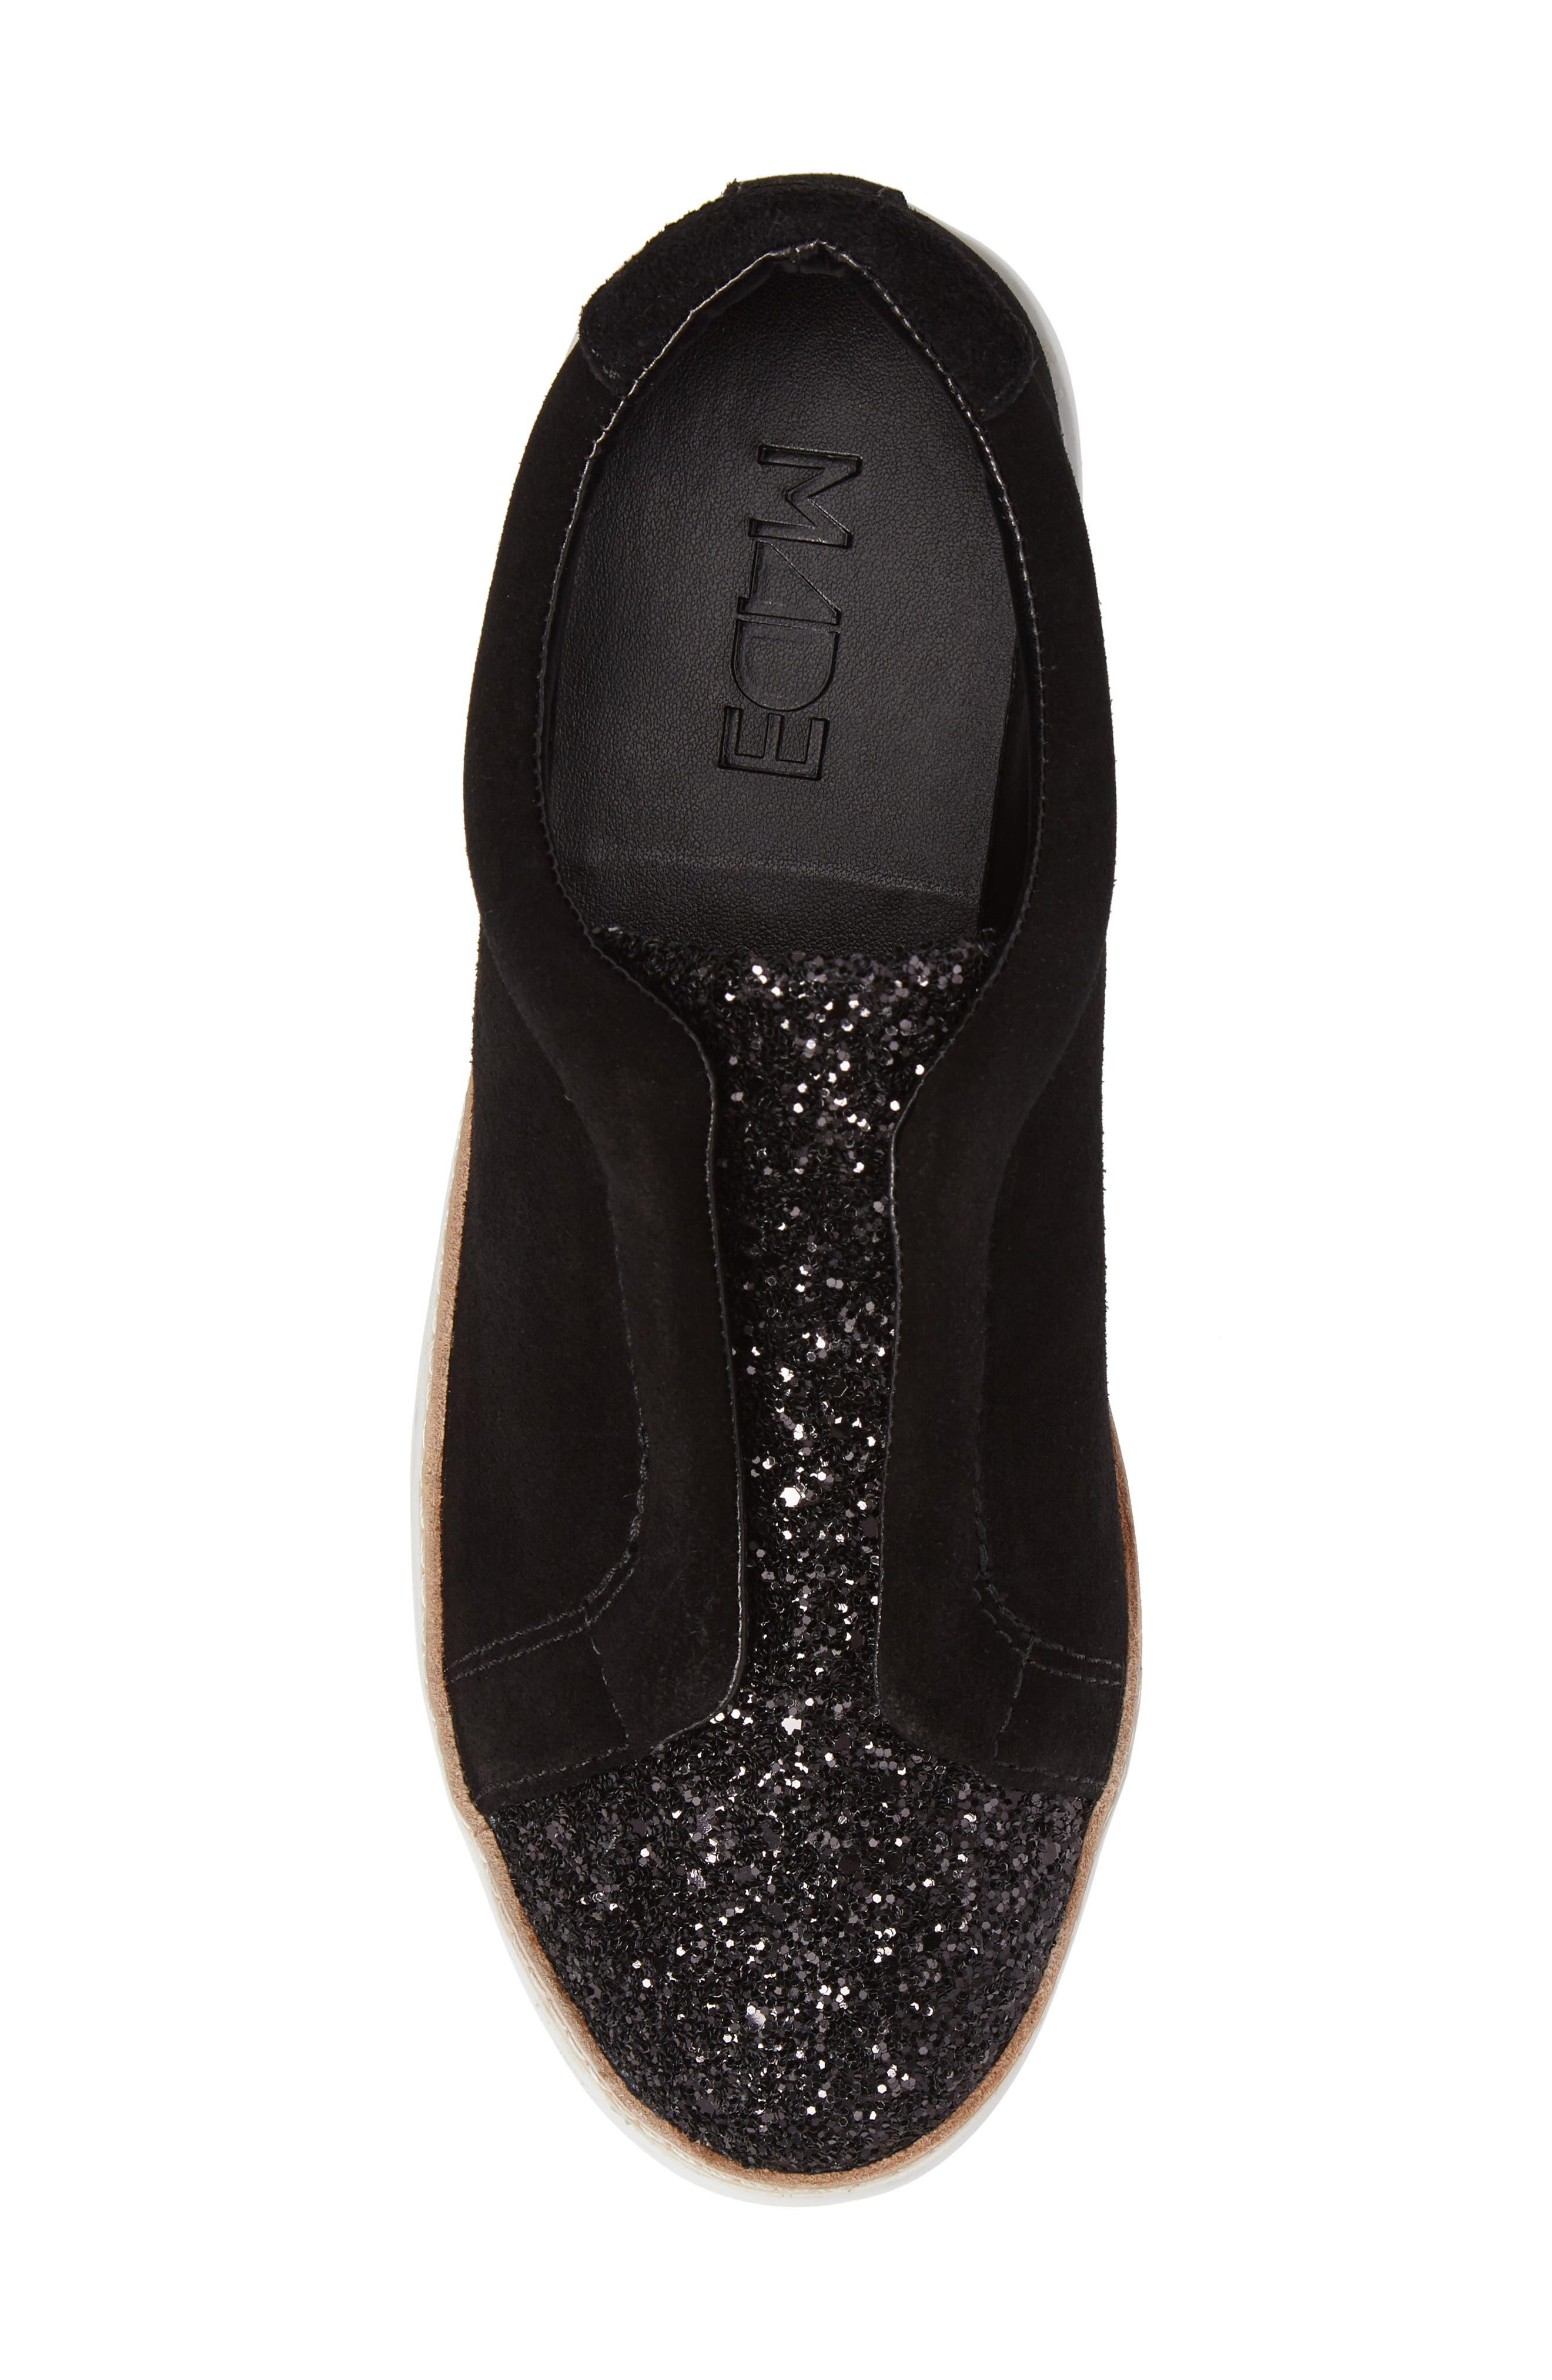 M4D3 Super Slip-On Sneaker,                             Alternate thumbnail 5, color,                             BLACK GLITTER LEATHER